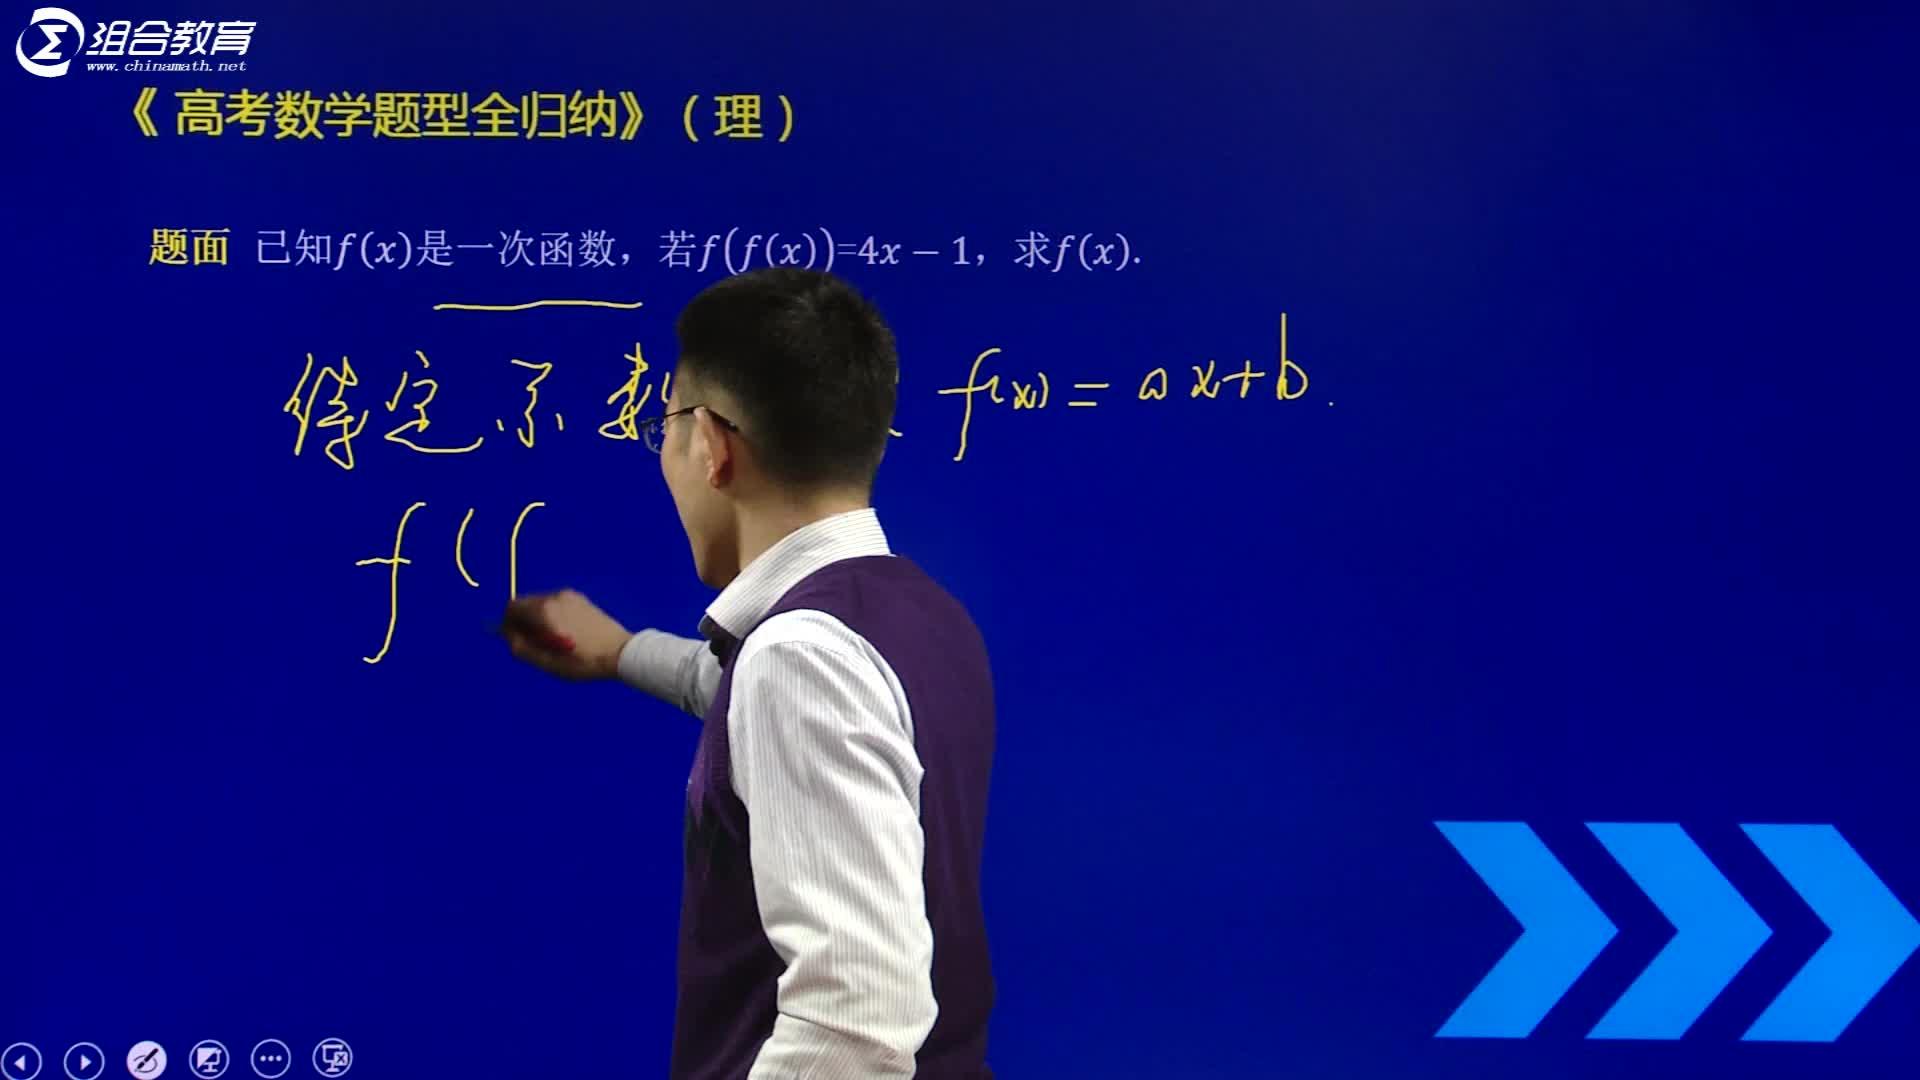 视频2.3 函数解析式的求法-【洞穿高考】2020版高考理科数学题型全归纳